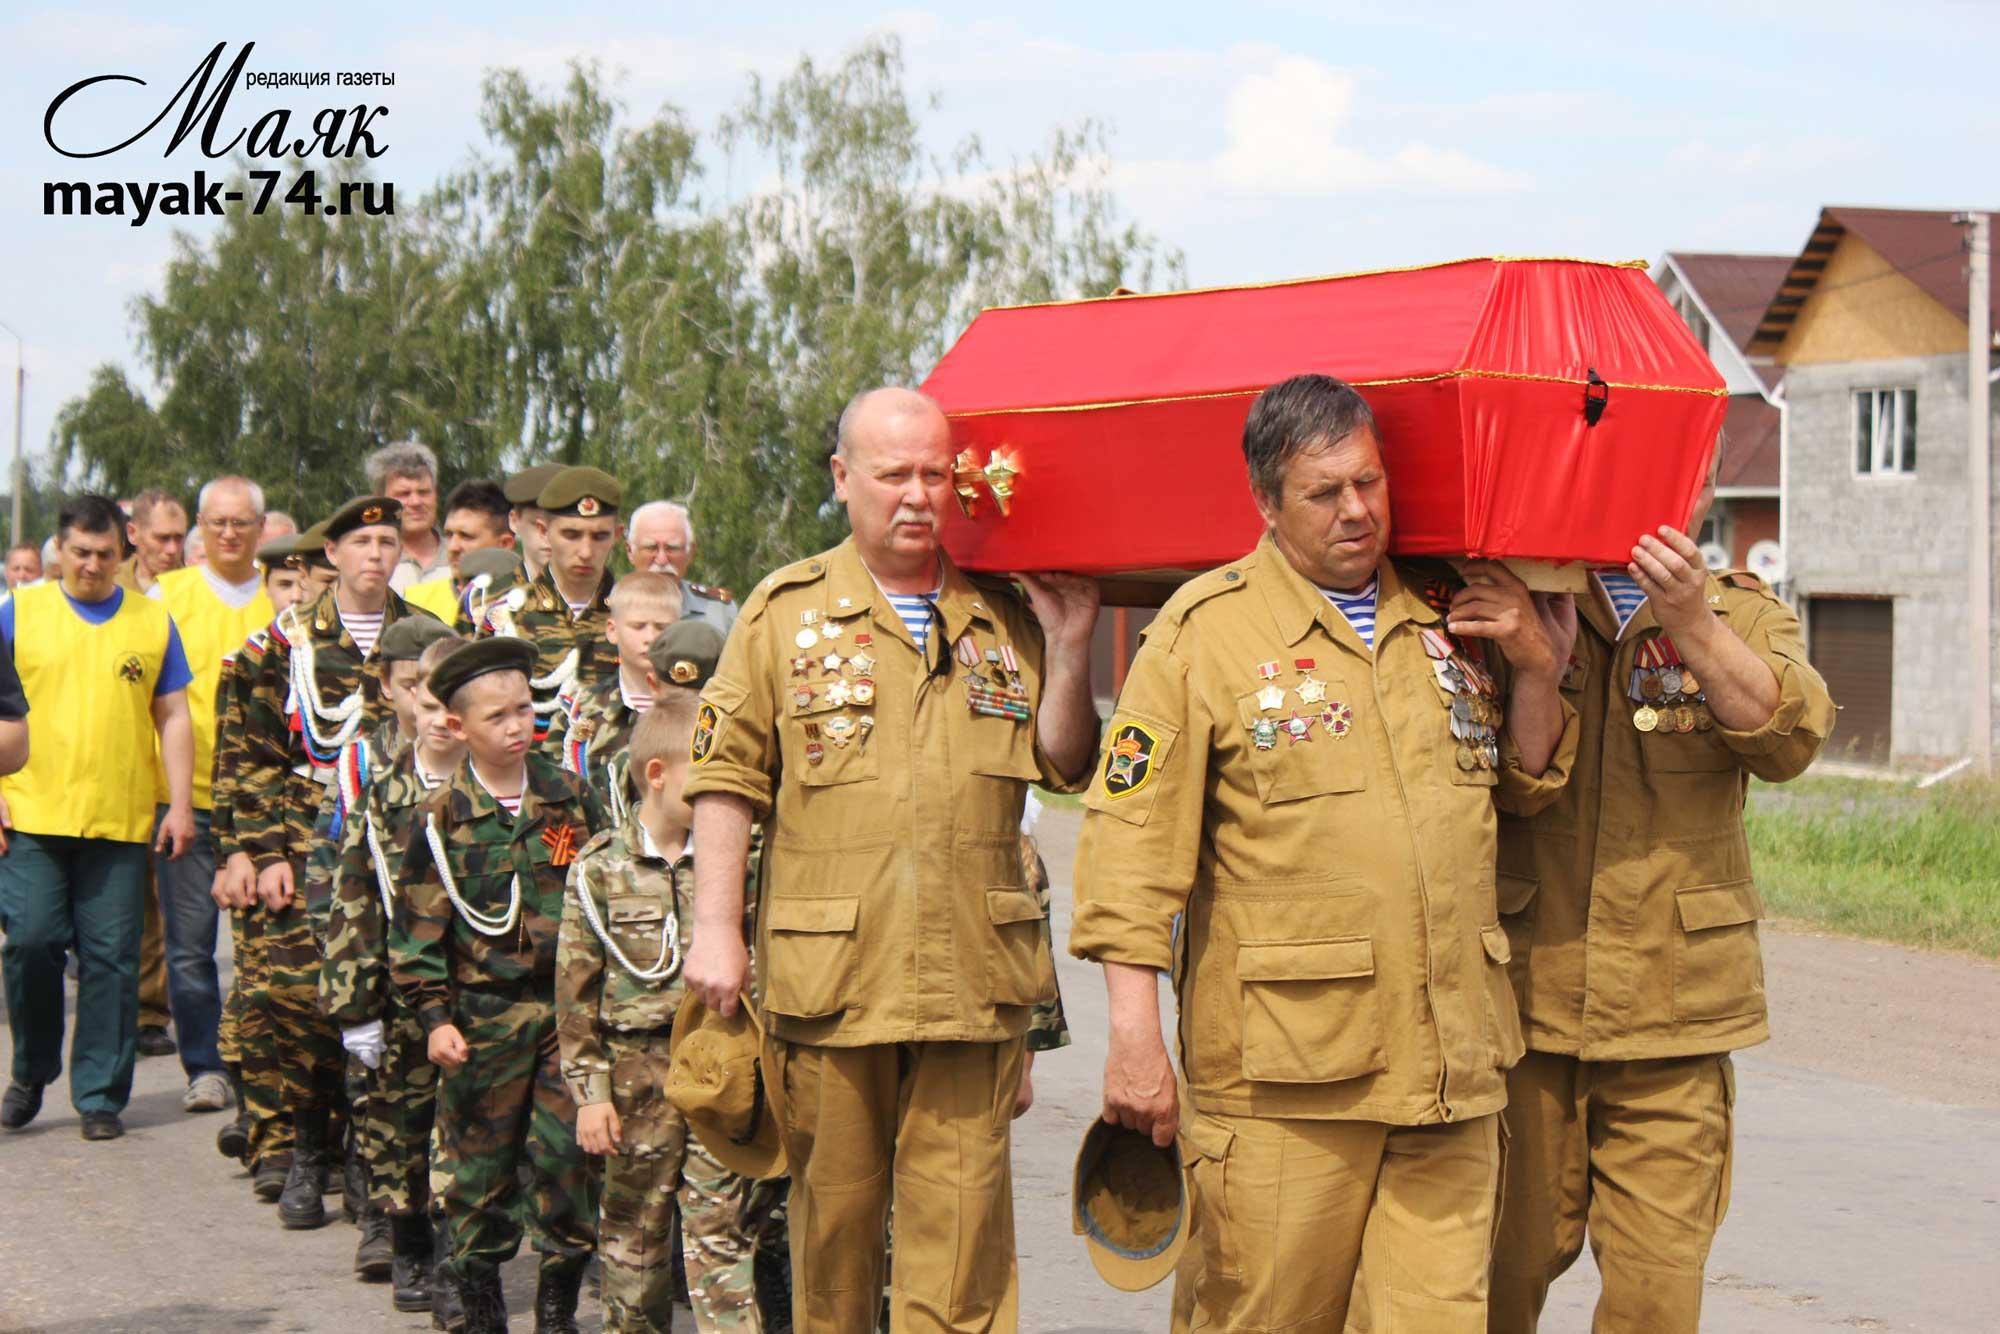 Наконец-то! Останки 12 трагически погибших солдат перезахоронены в Красноармейском районе